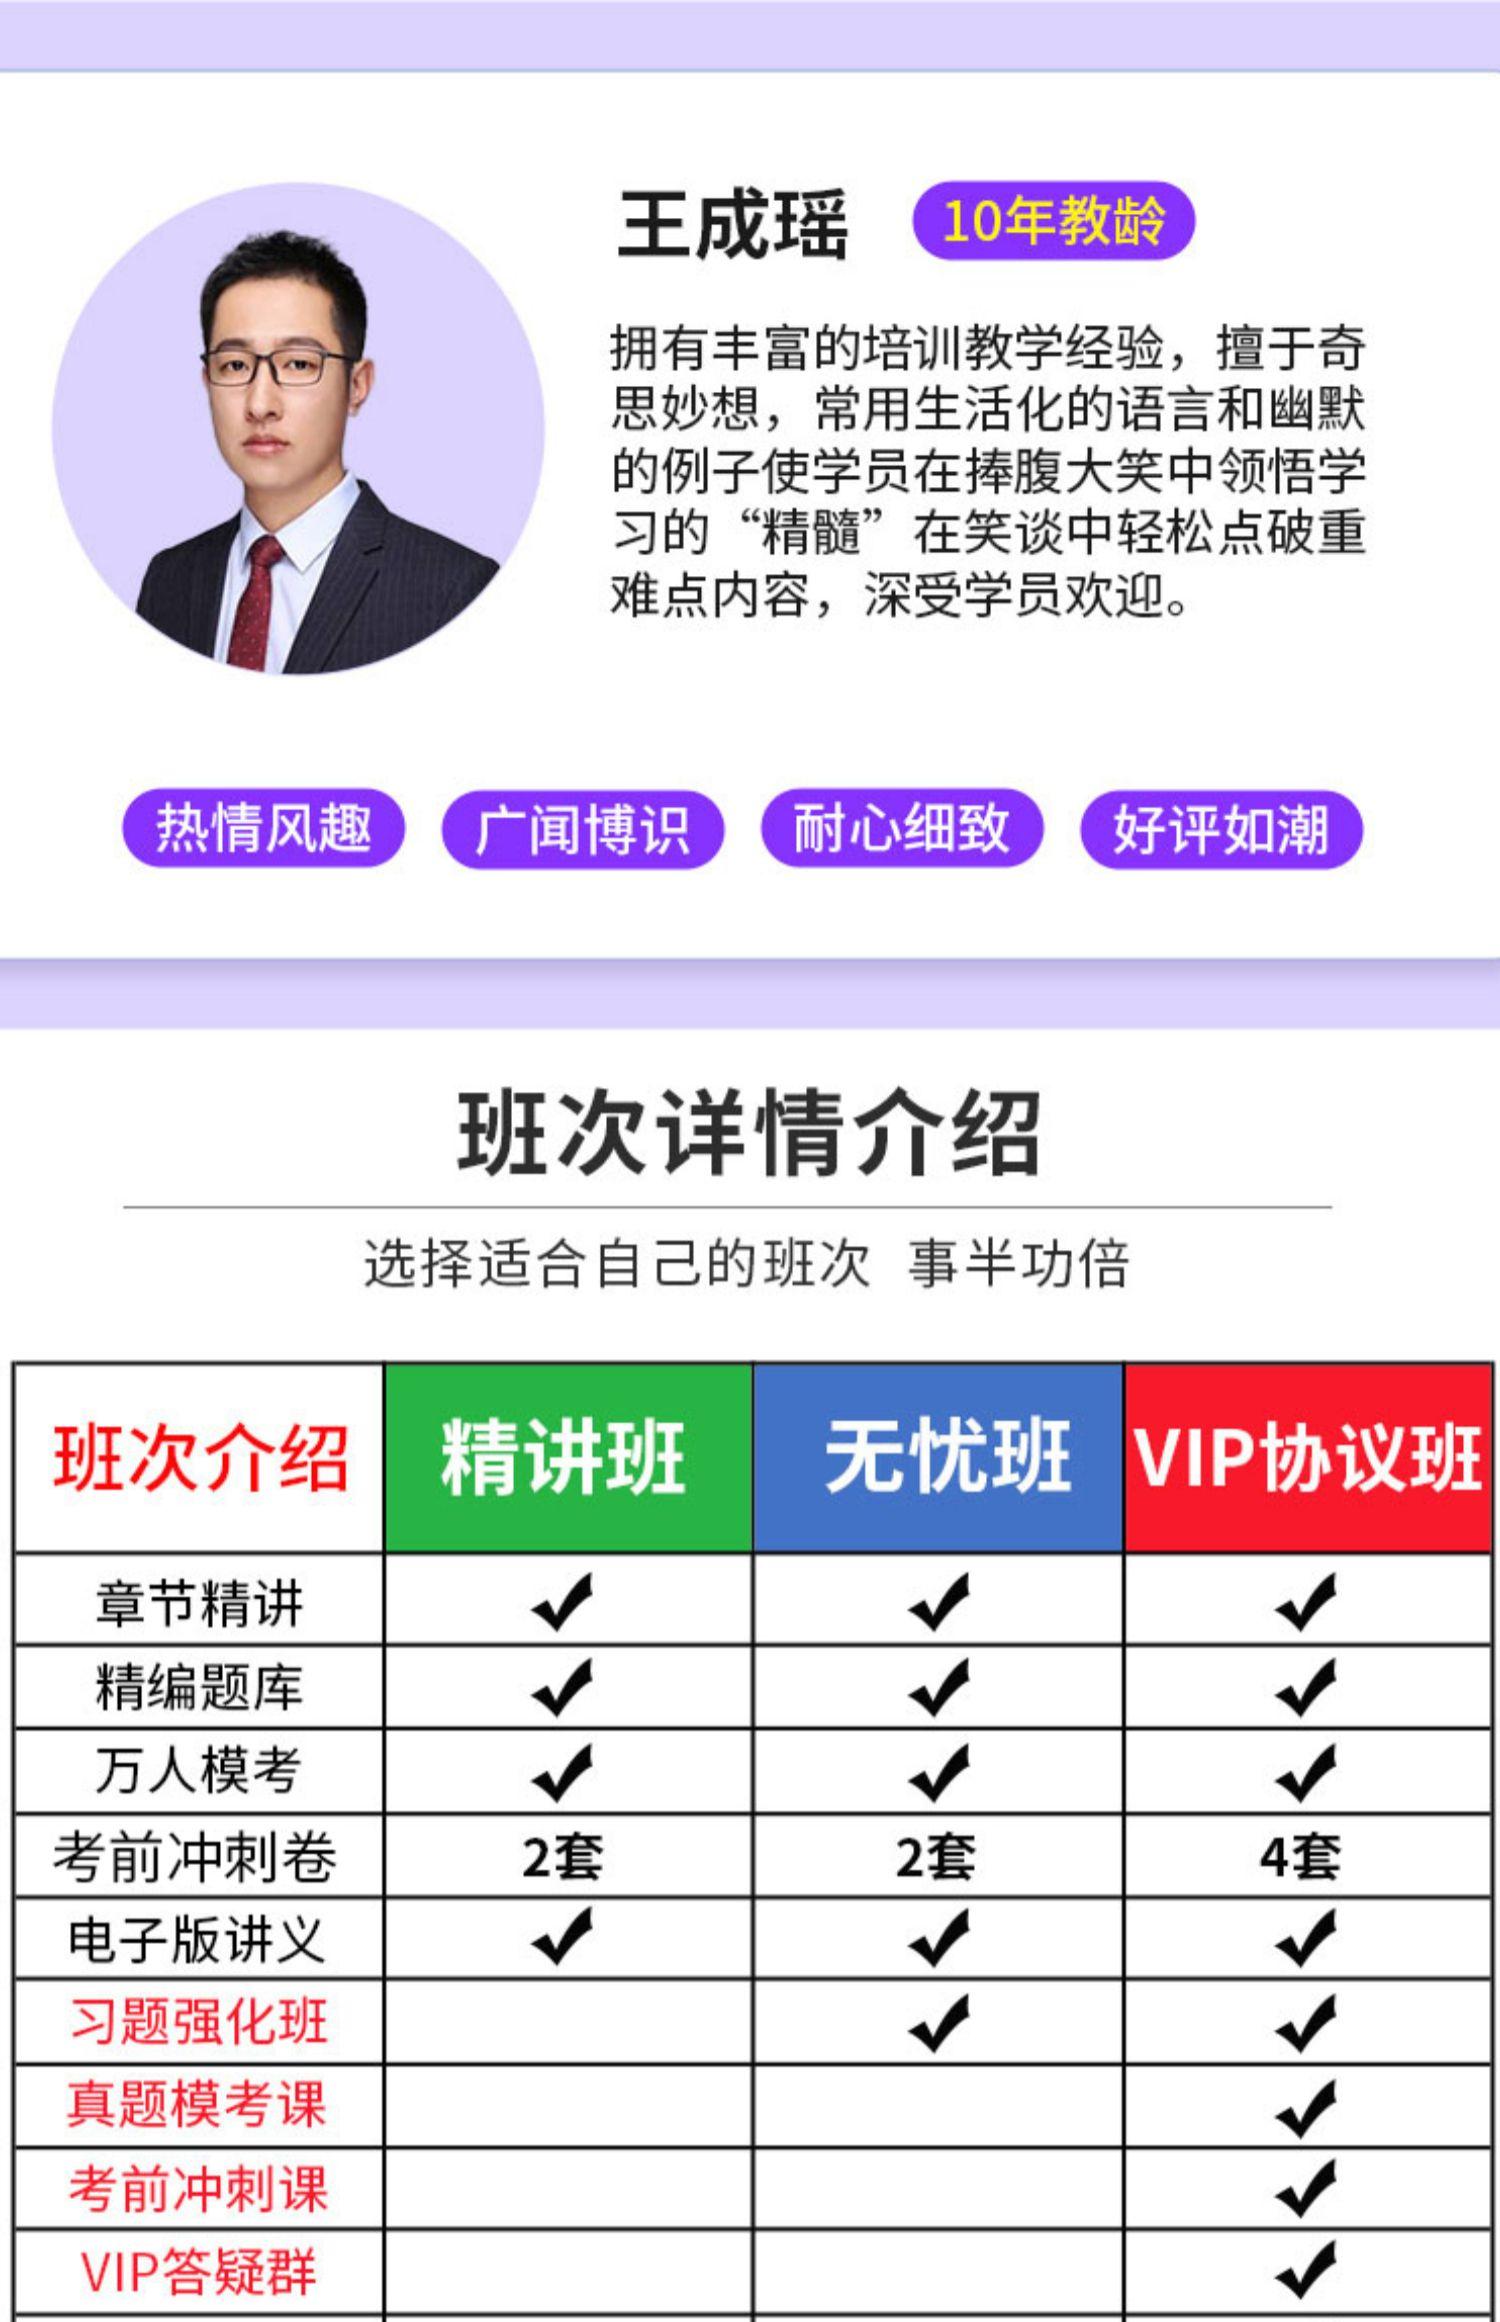 【拼团价】小霞2020年中级会计vip协议班商品详情图